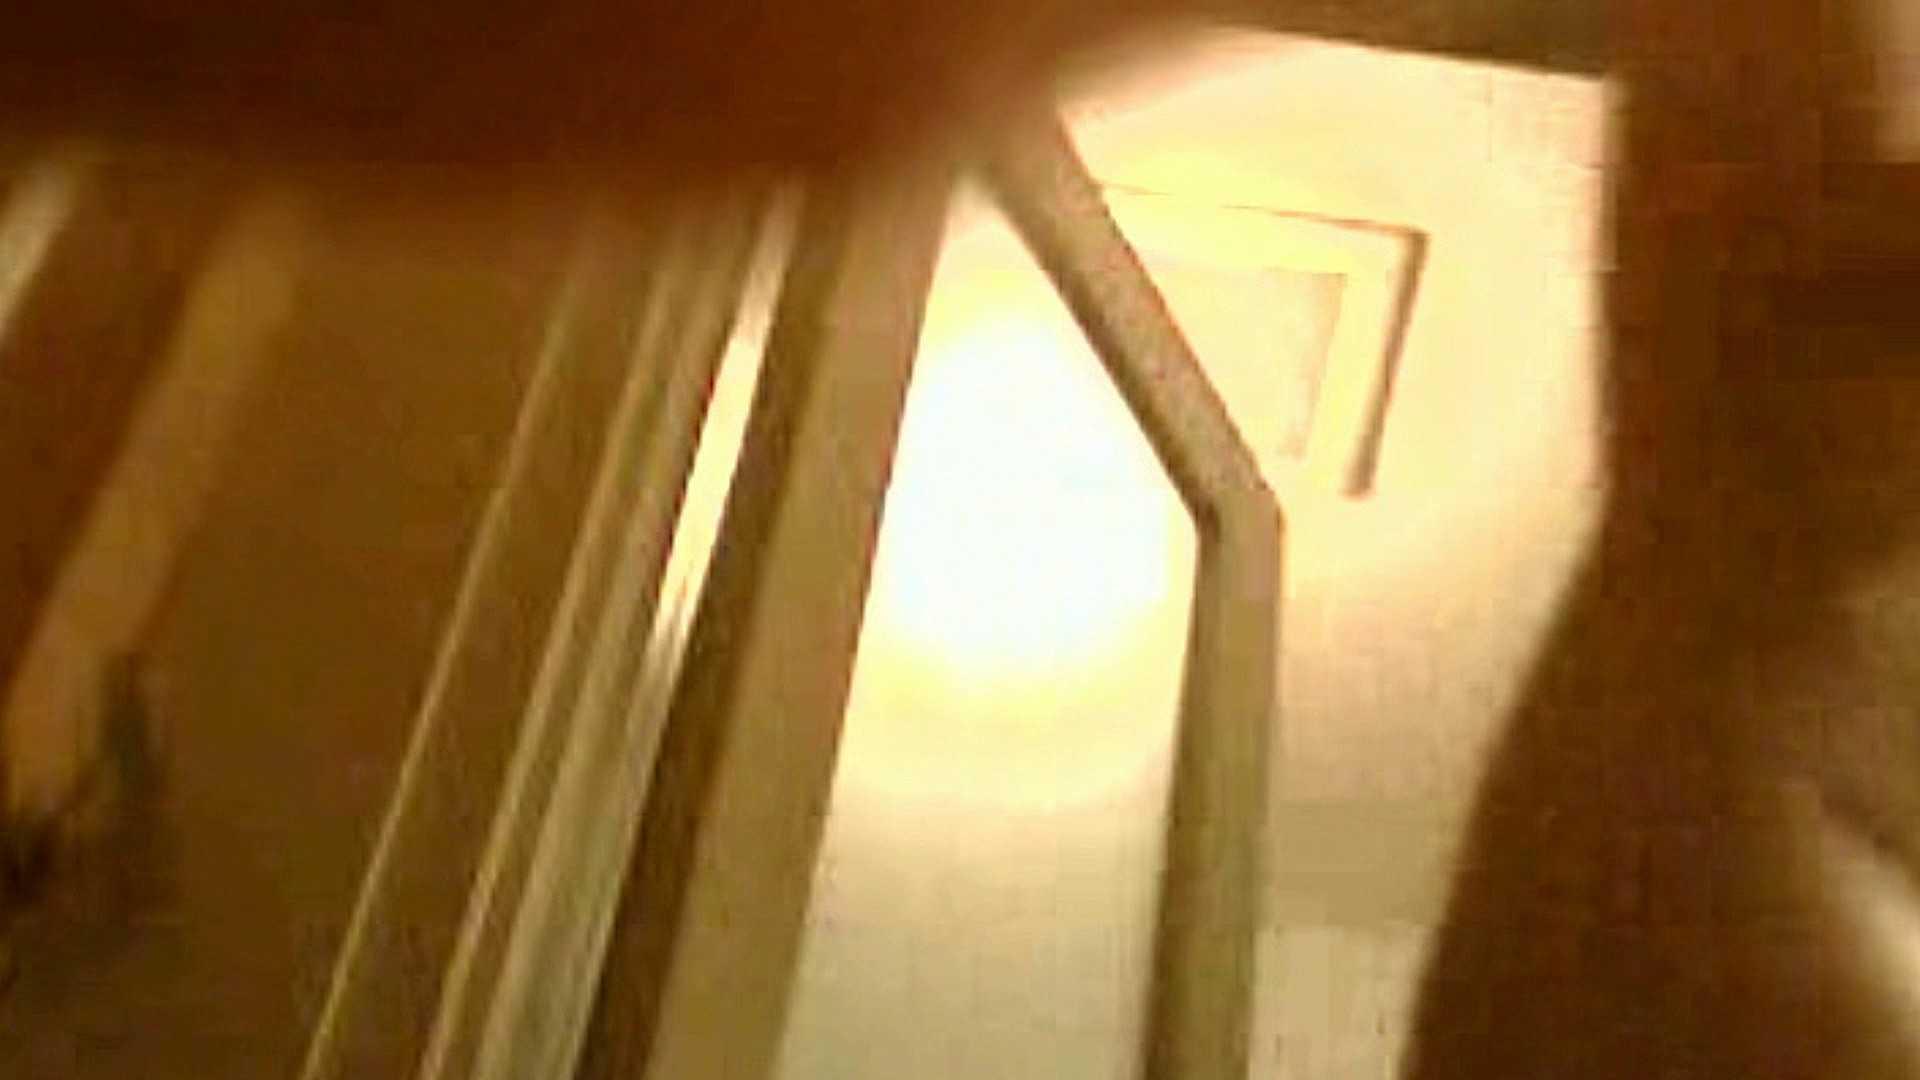 ▲復活限定D▲ややぽちゃ童顔の カナちゃん Vol.03 脱衣編 むっちりガール オマンコ無修正動画無料 96枚 45